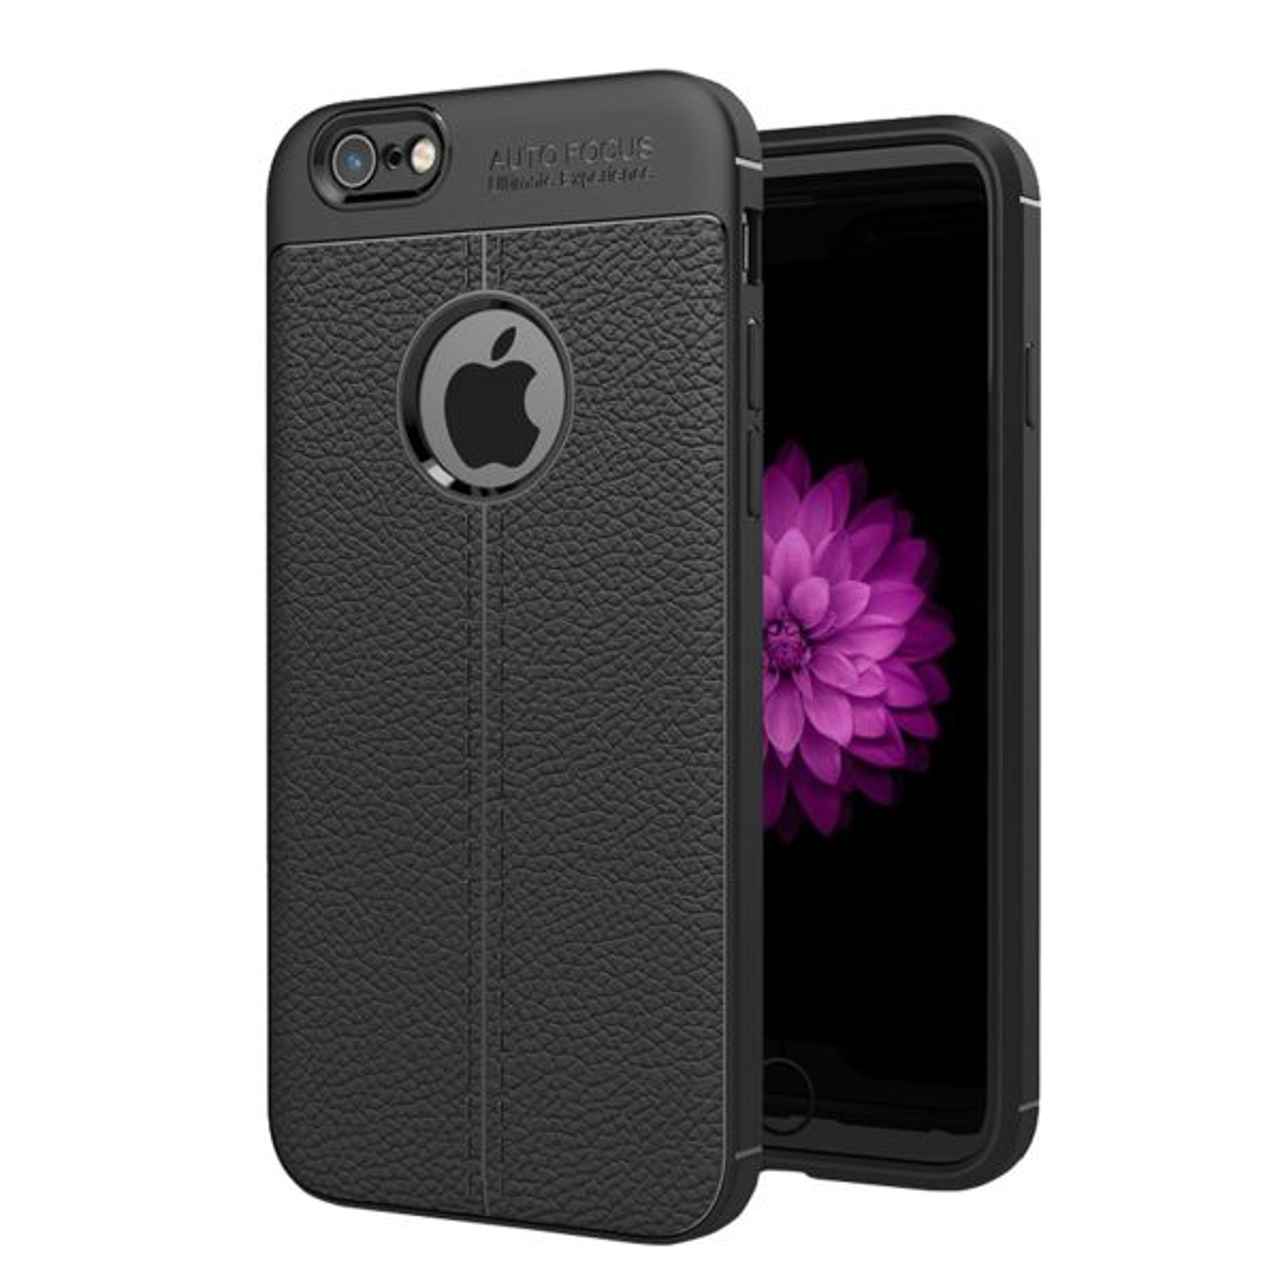 کاور اتو فوکوس مدل Ultimate Experience مناسب برای گوشی موبایل iphone 6/6s